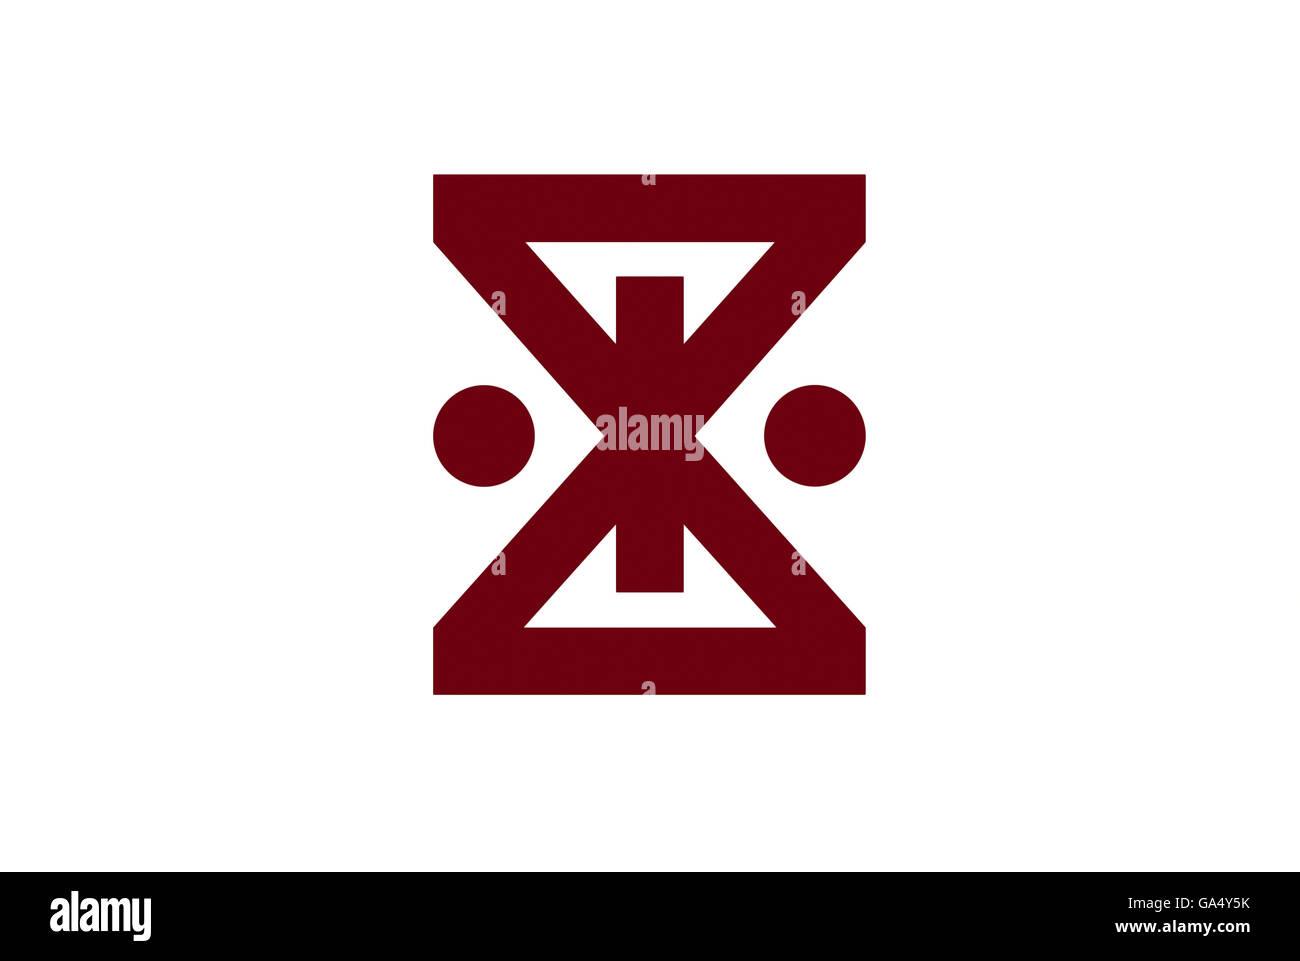 Japan Hyogo prefecture Amagasaki city flag illustration - Stock Image